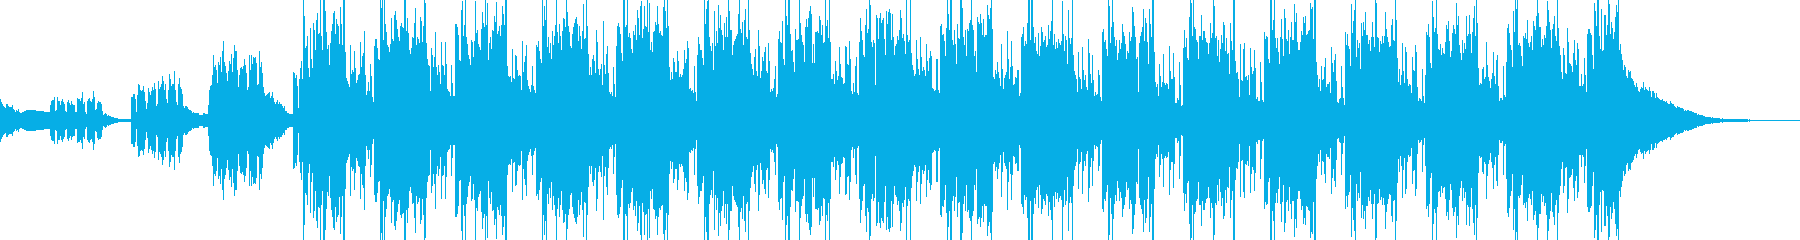 Glitch Hop 動画のEDイメージの再生済みの波形